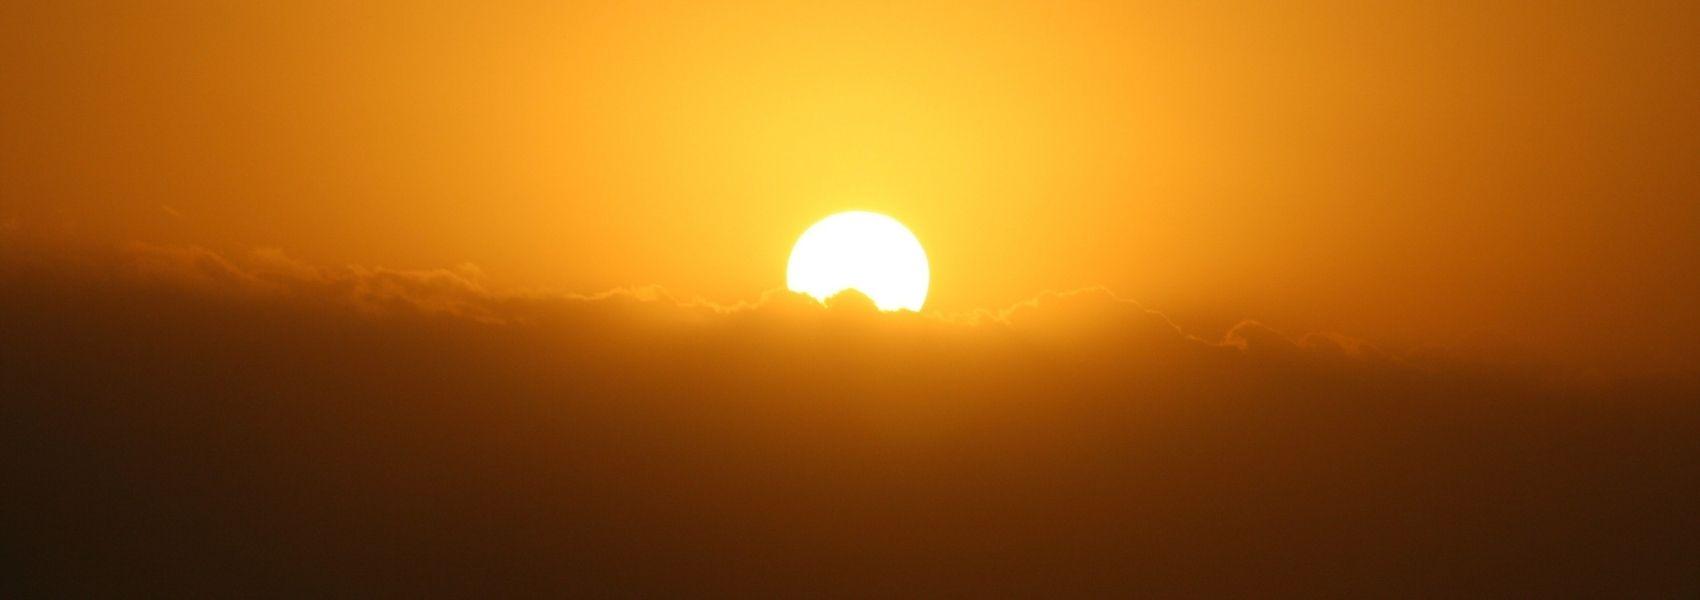 O aquecimento global já é responsável por uma em cada três mortes relacionadas com o calor